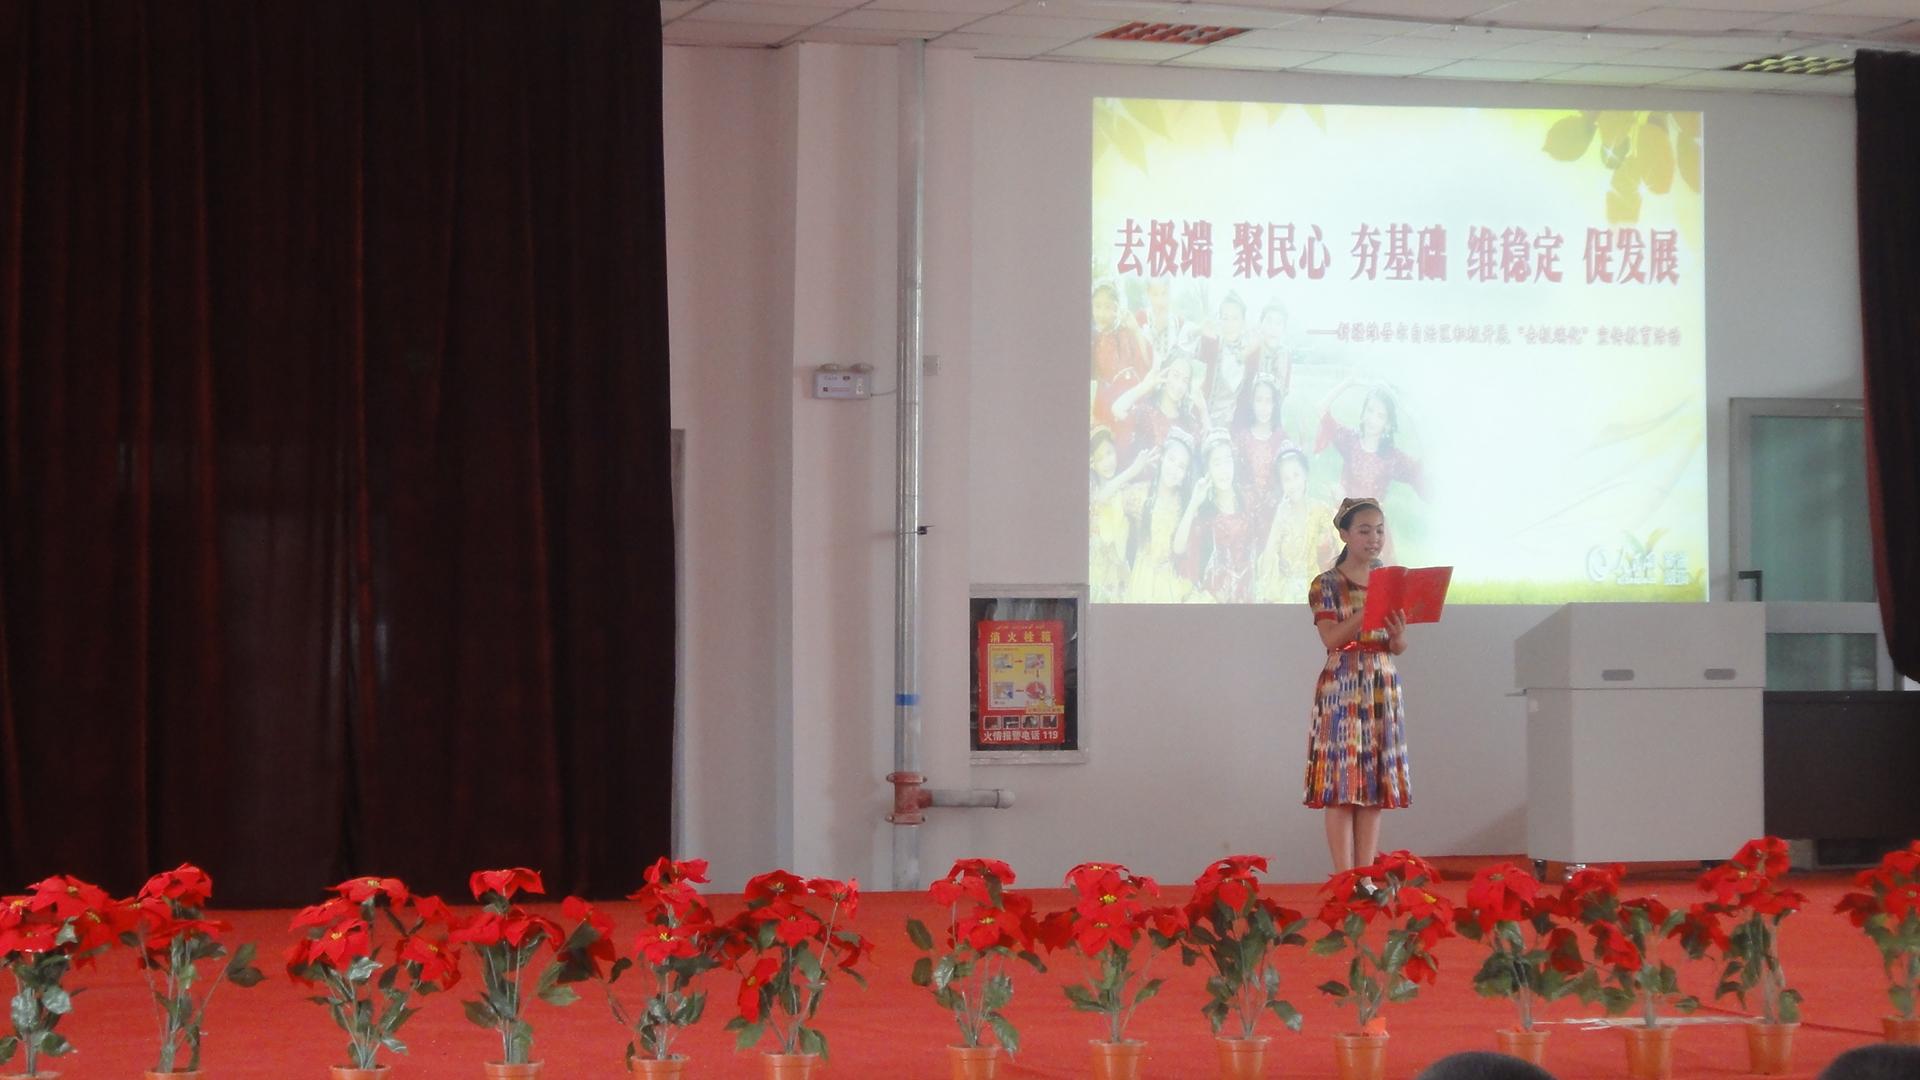 焉耆县第二中学结对子传统维护开展我们共小学班级教育革命图片